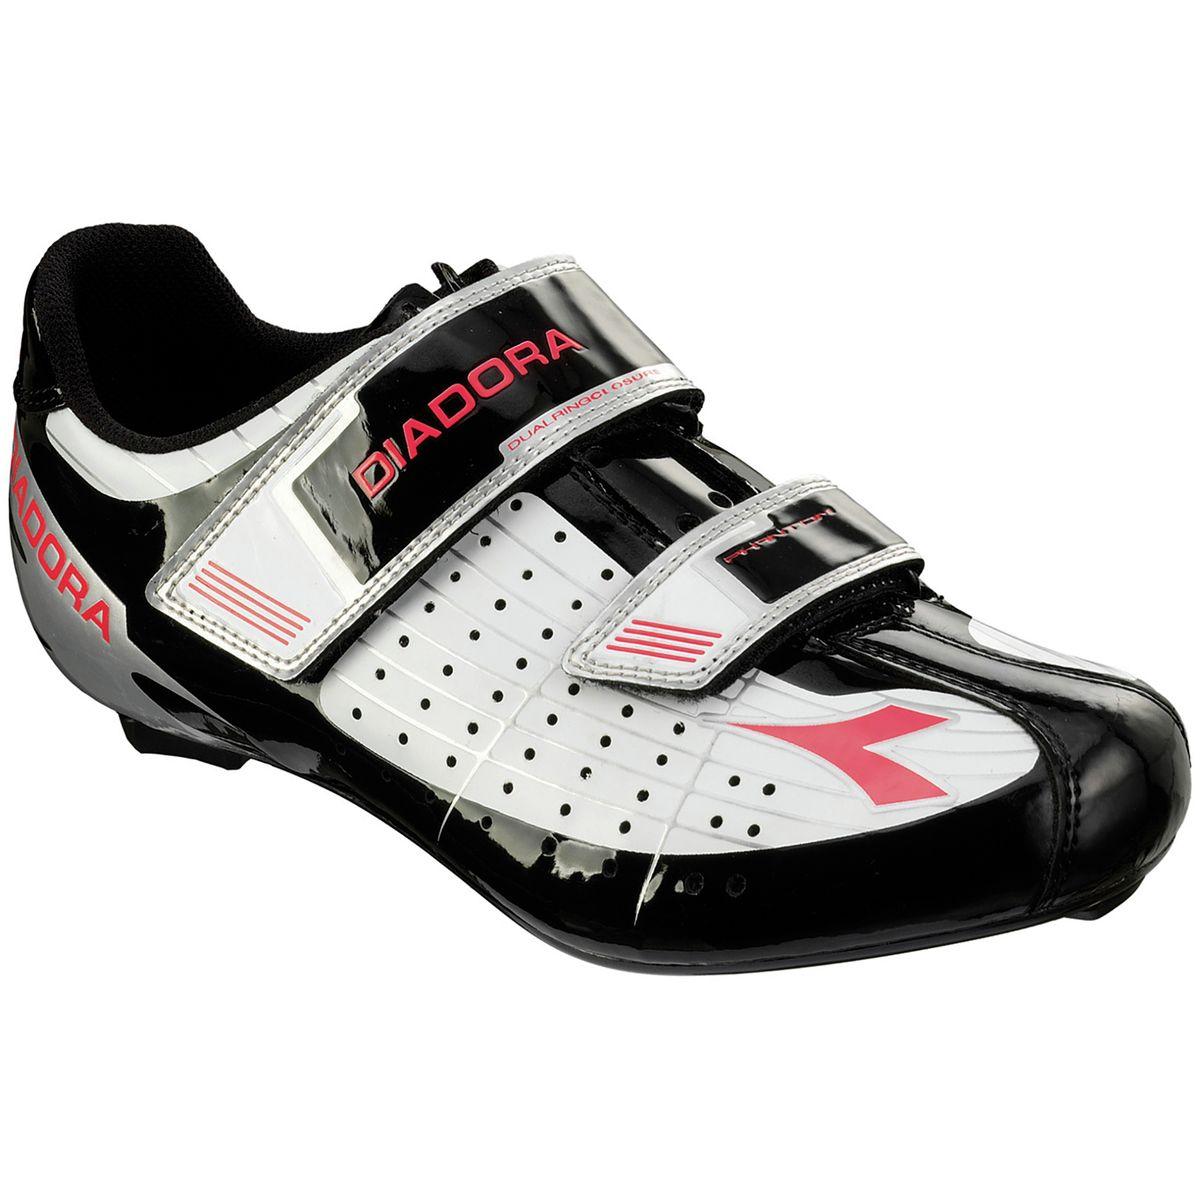 Diadora Phantom Cycling Shoes